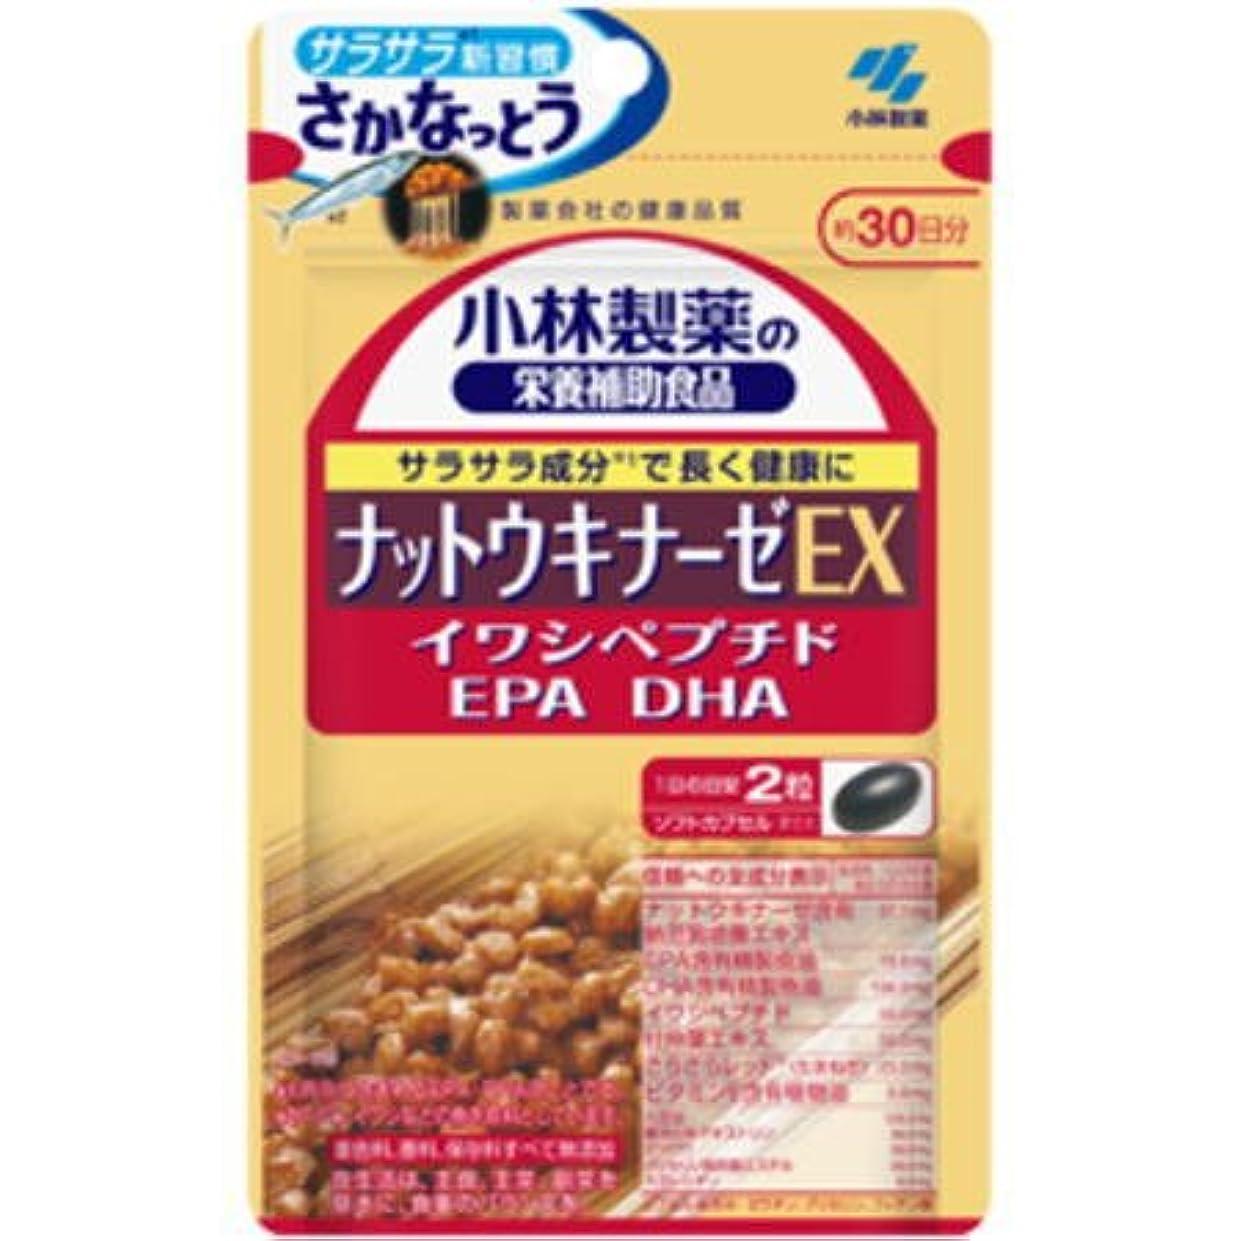 神秘職業肉小林製薬 ナットウキナーゼ EX 60粒【ネコポス発送】